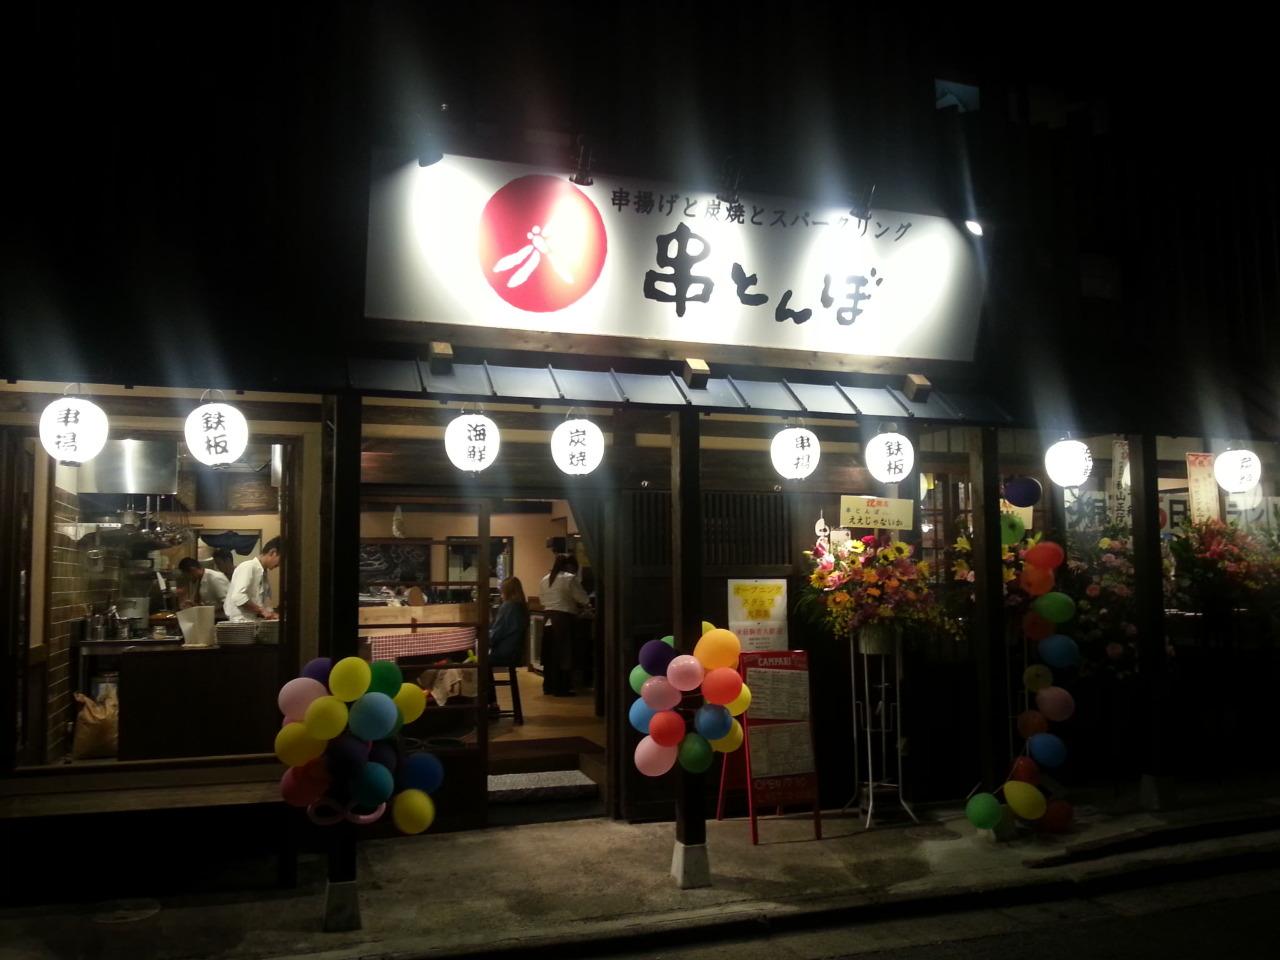 串とんぼ 勝田店のイメージ写真